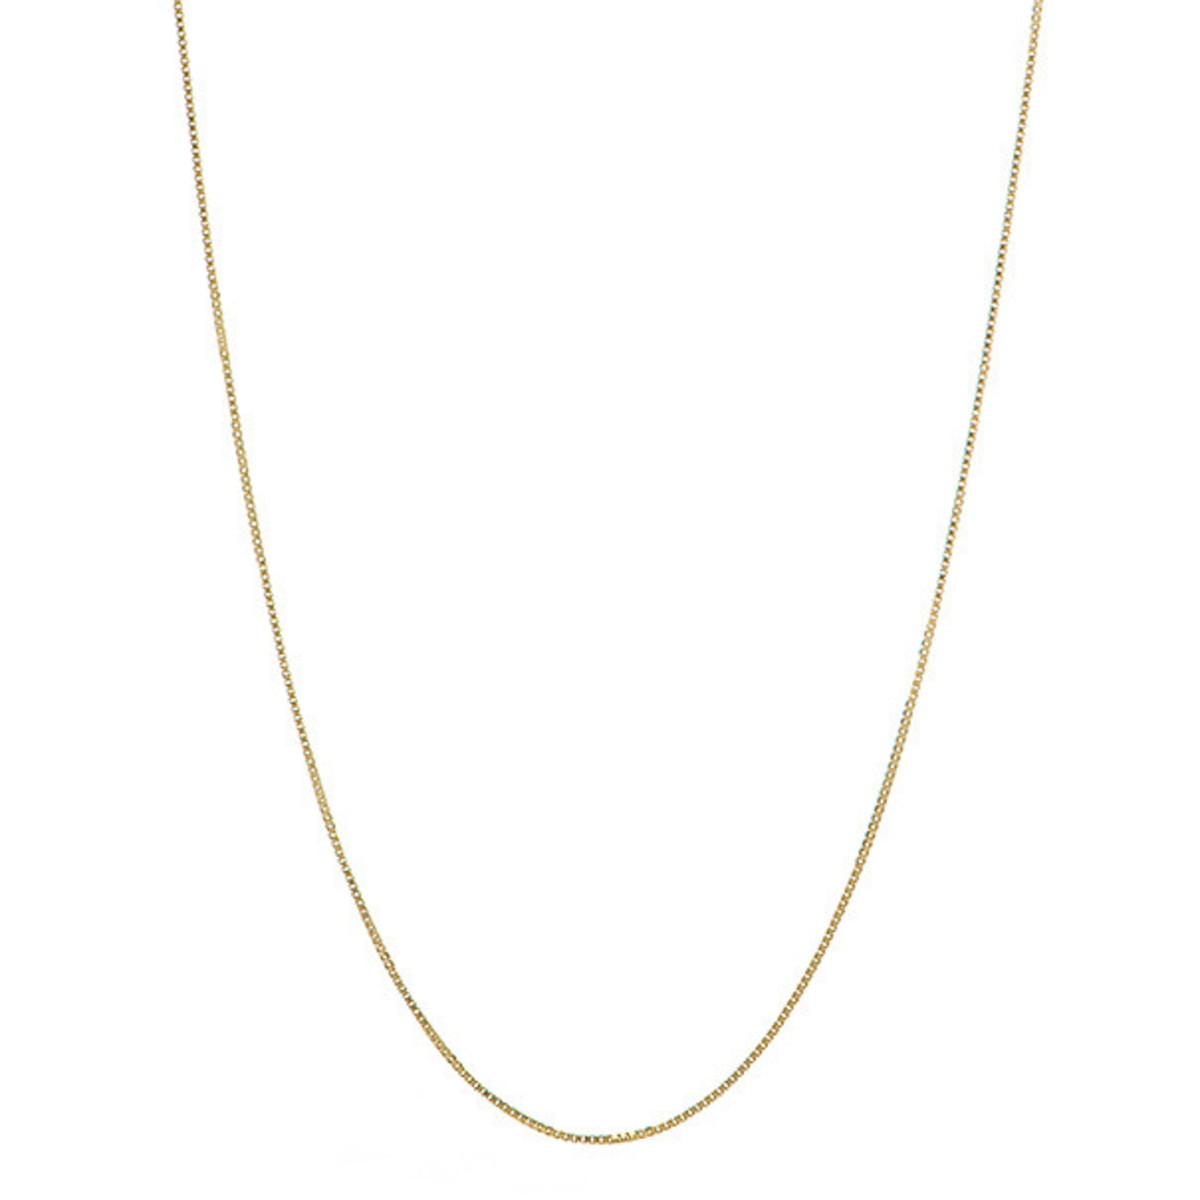 c1a110e351537 Corrente Veneziana em Ouro 18K com 60cm no Elo7   Joias DaniSam (D20D43)